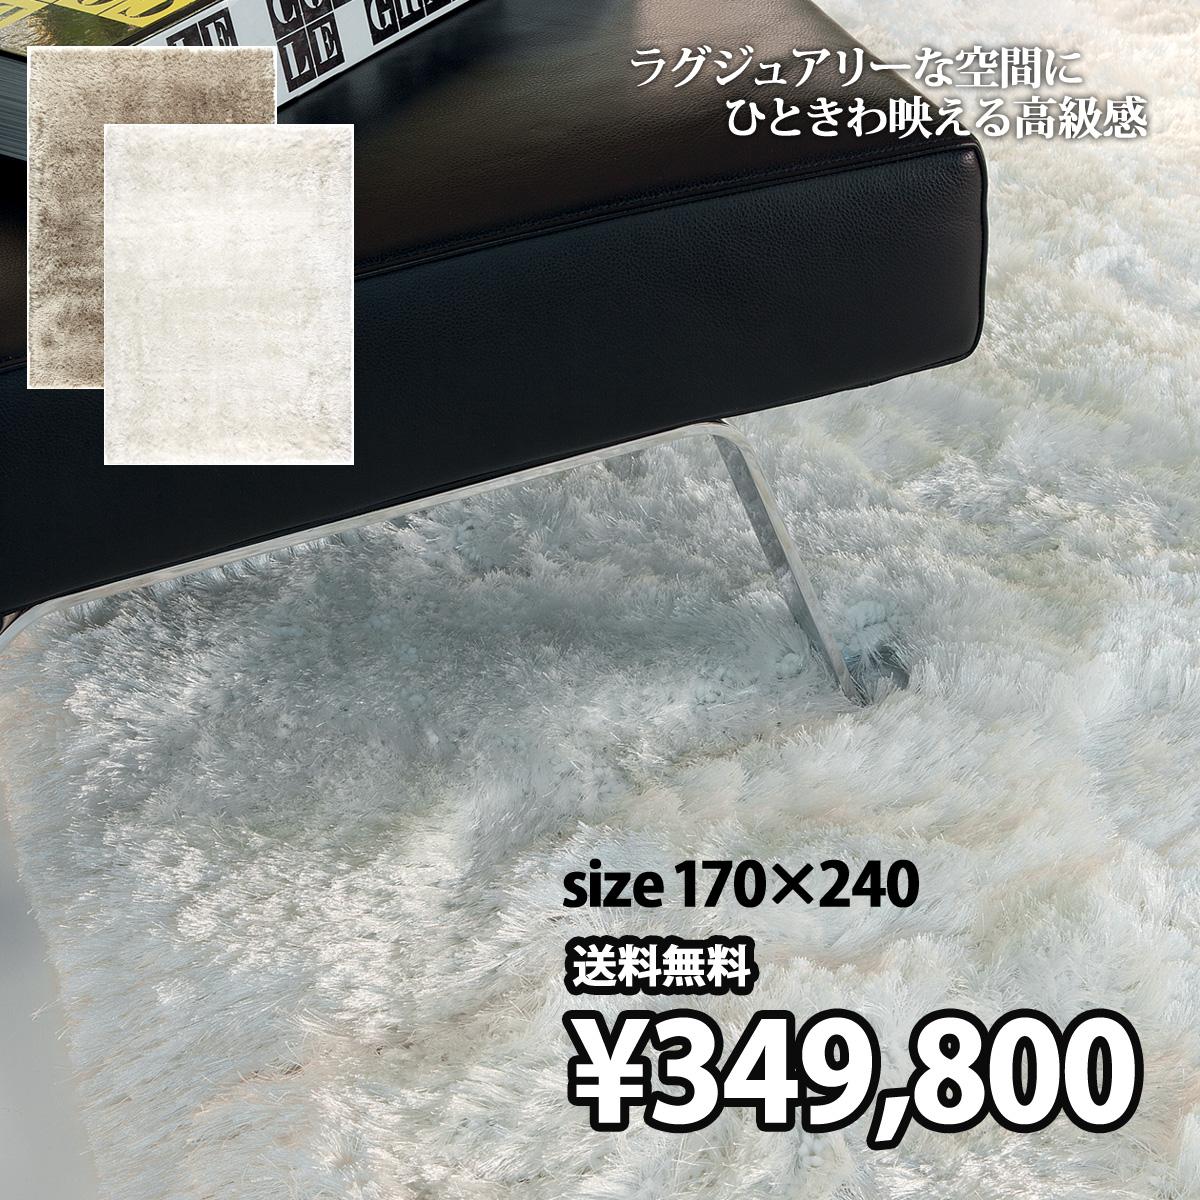 最高級の品質。斬新なデザインと新しいスタイルのラグ 170×240cm インポート ハンドメイド セミオーダー ラグ マット カーペット-LIGNE PURE-adore 207.001.100,900 【li】